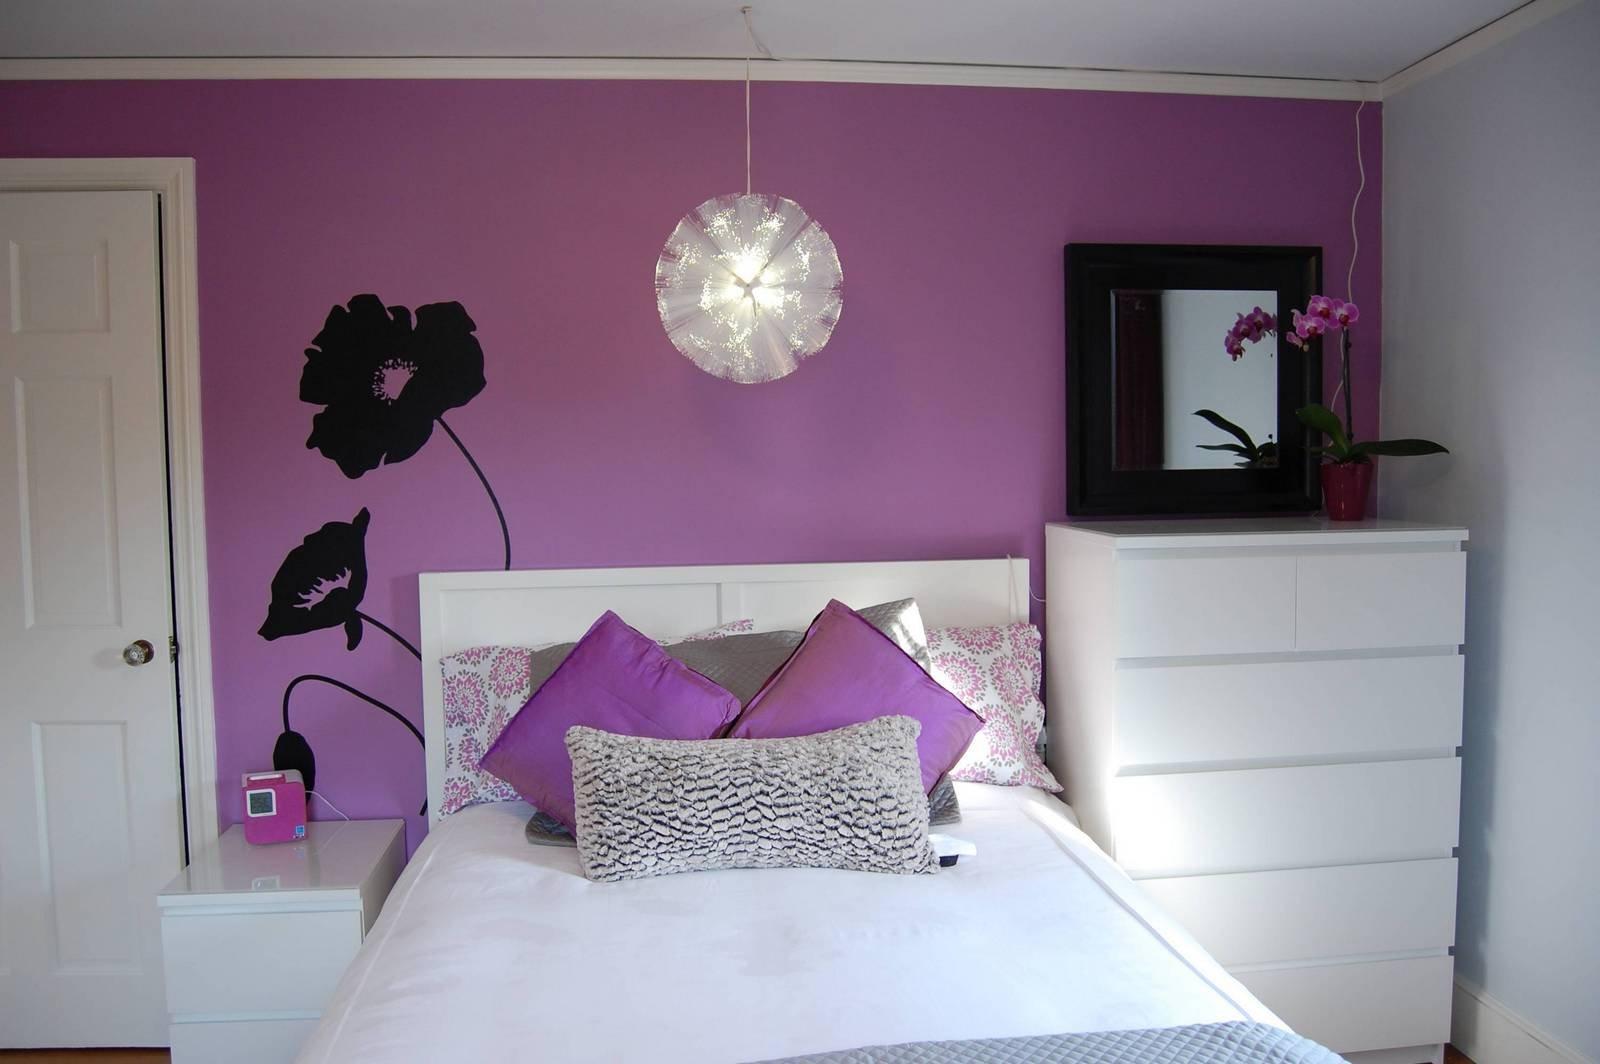 Фиолетовая стена и подушки в спальне